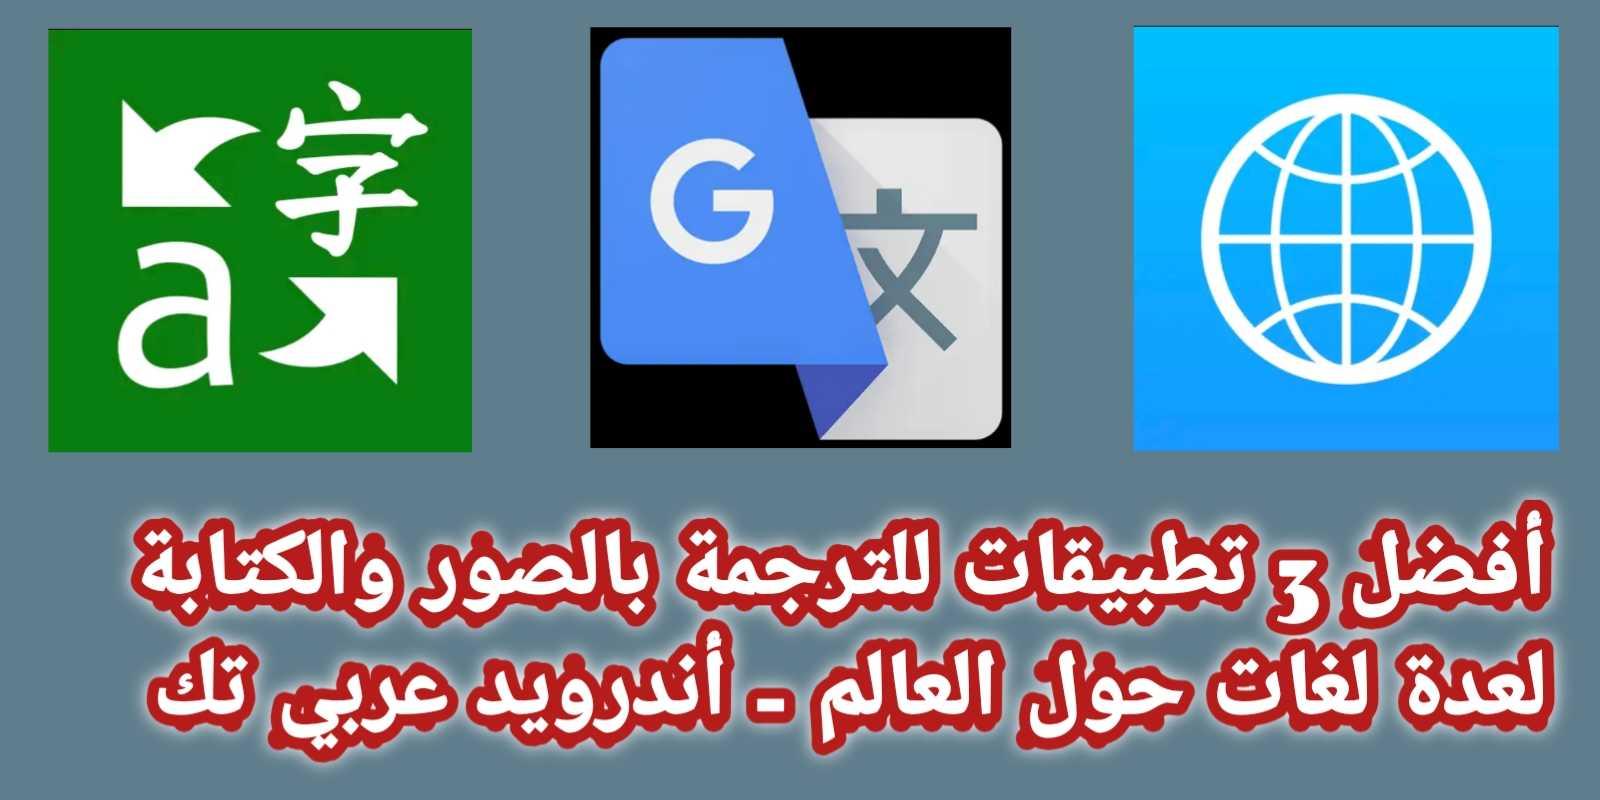 أفضل 3 تطبيقات للترجمة بالصور والكتابة لعدة لغات لا يعرفها الكثيرون